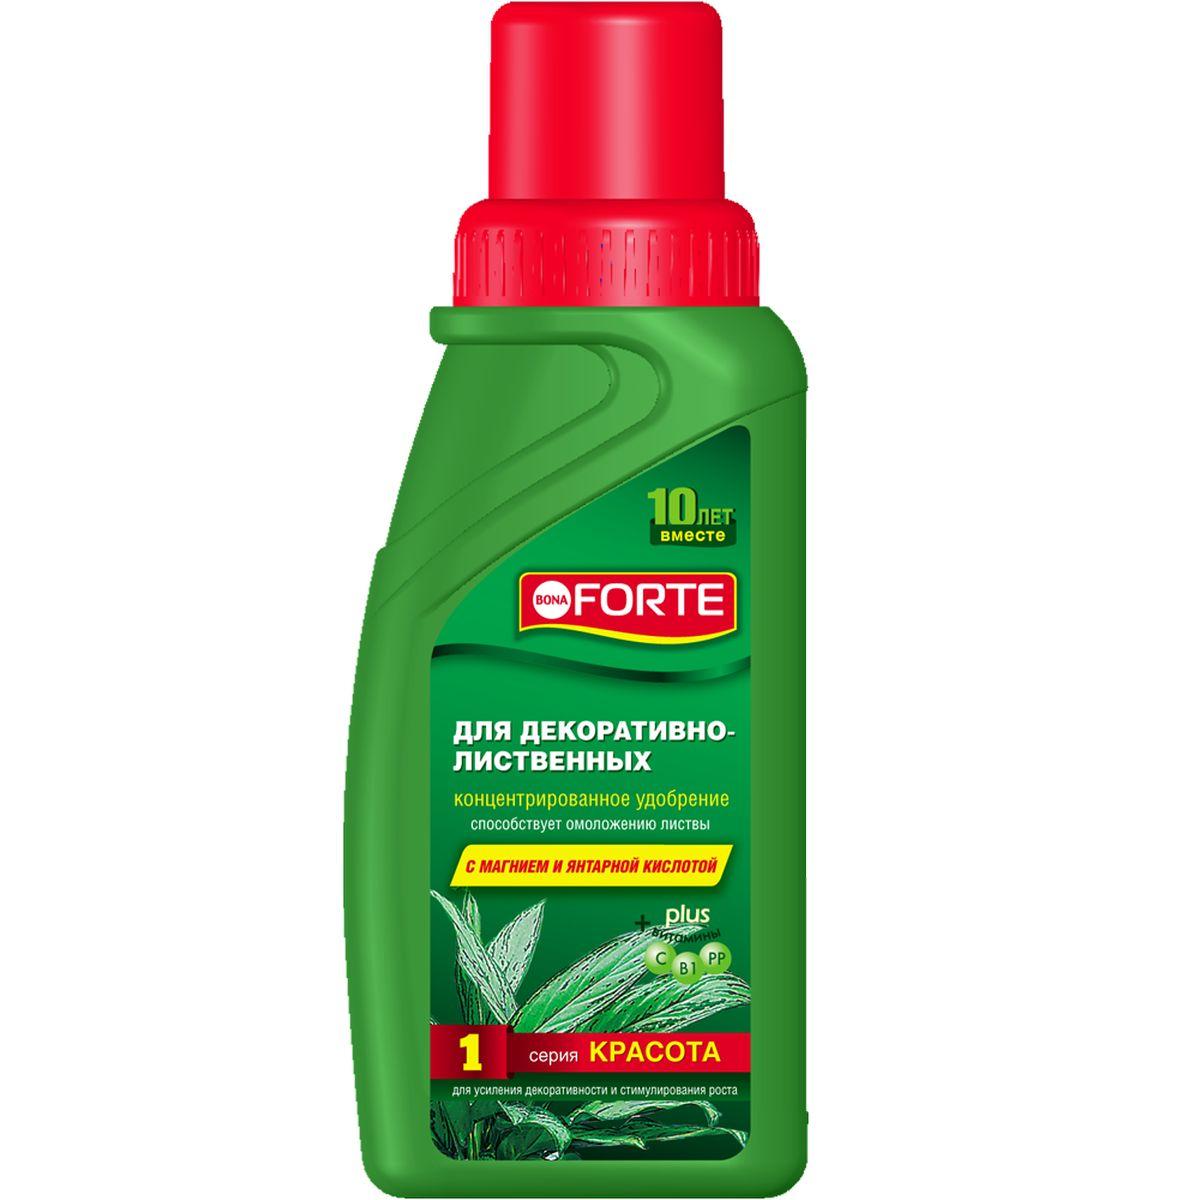 Жидкое комплексное удобрение Bona Forte, для декоративно-лиственных растений, 285 млRSP-202SУдобрение Bona Forte жидкое комплексное для декоративно-лиственных рекомендуется для придания сочной зелени и поддержания упругости листьев всех видов декоративно-лиственных растений. Высококонцентрированный, насыщенный состав: - NPK +Mg (5:3:4 +1); - Витамины (C, B1, PP); - Микроэлементы (в хелатной форме); - Стимулятор роста (янтарная кислота).